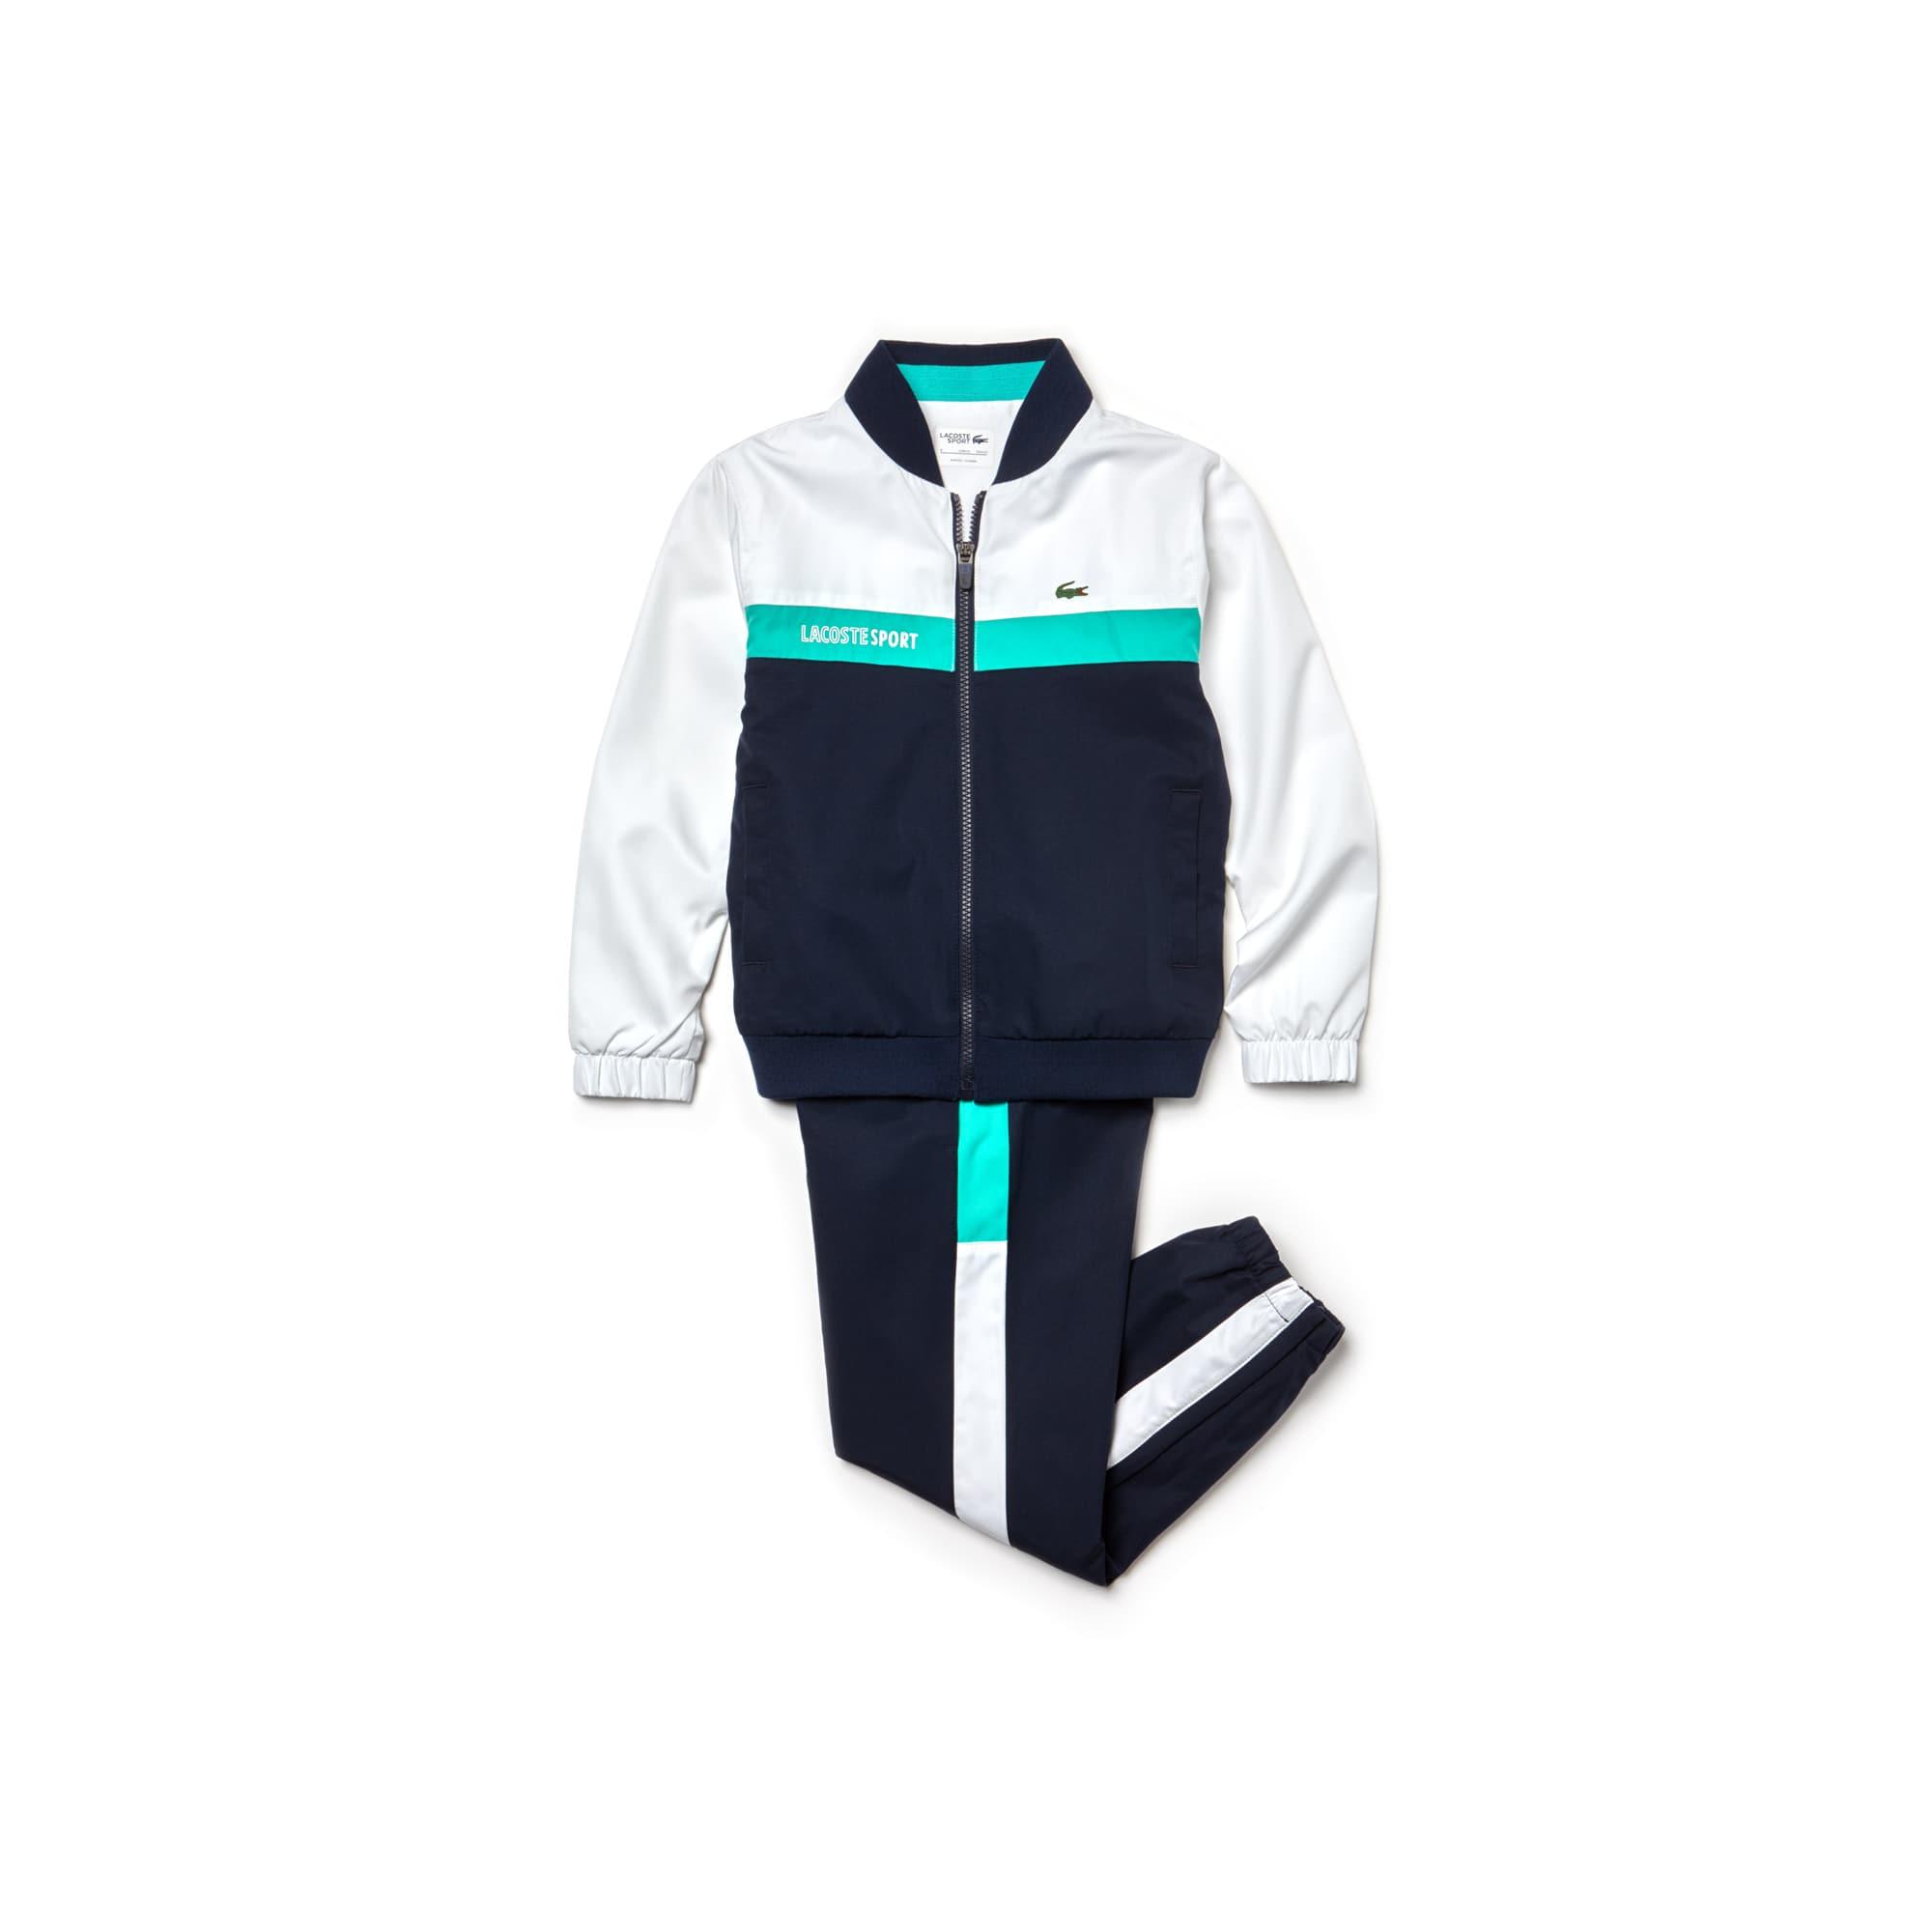 feba236510 Boys  Lacoste SPORT Colorblock Taffeta Tennis Tracksuit ...